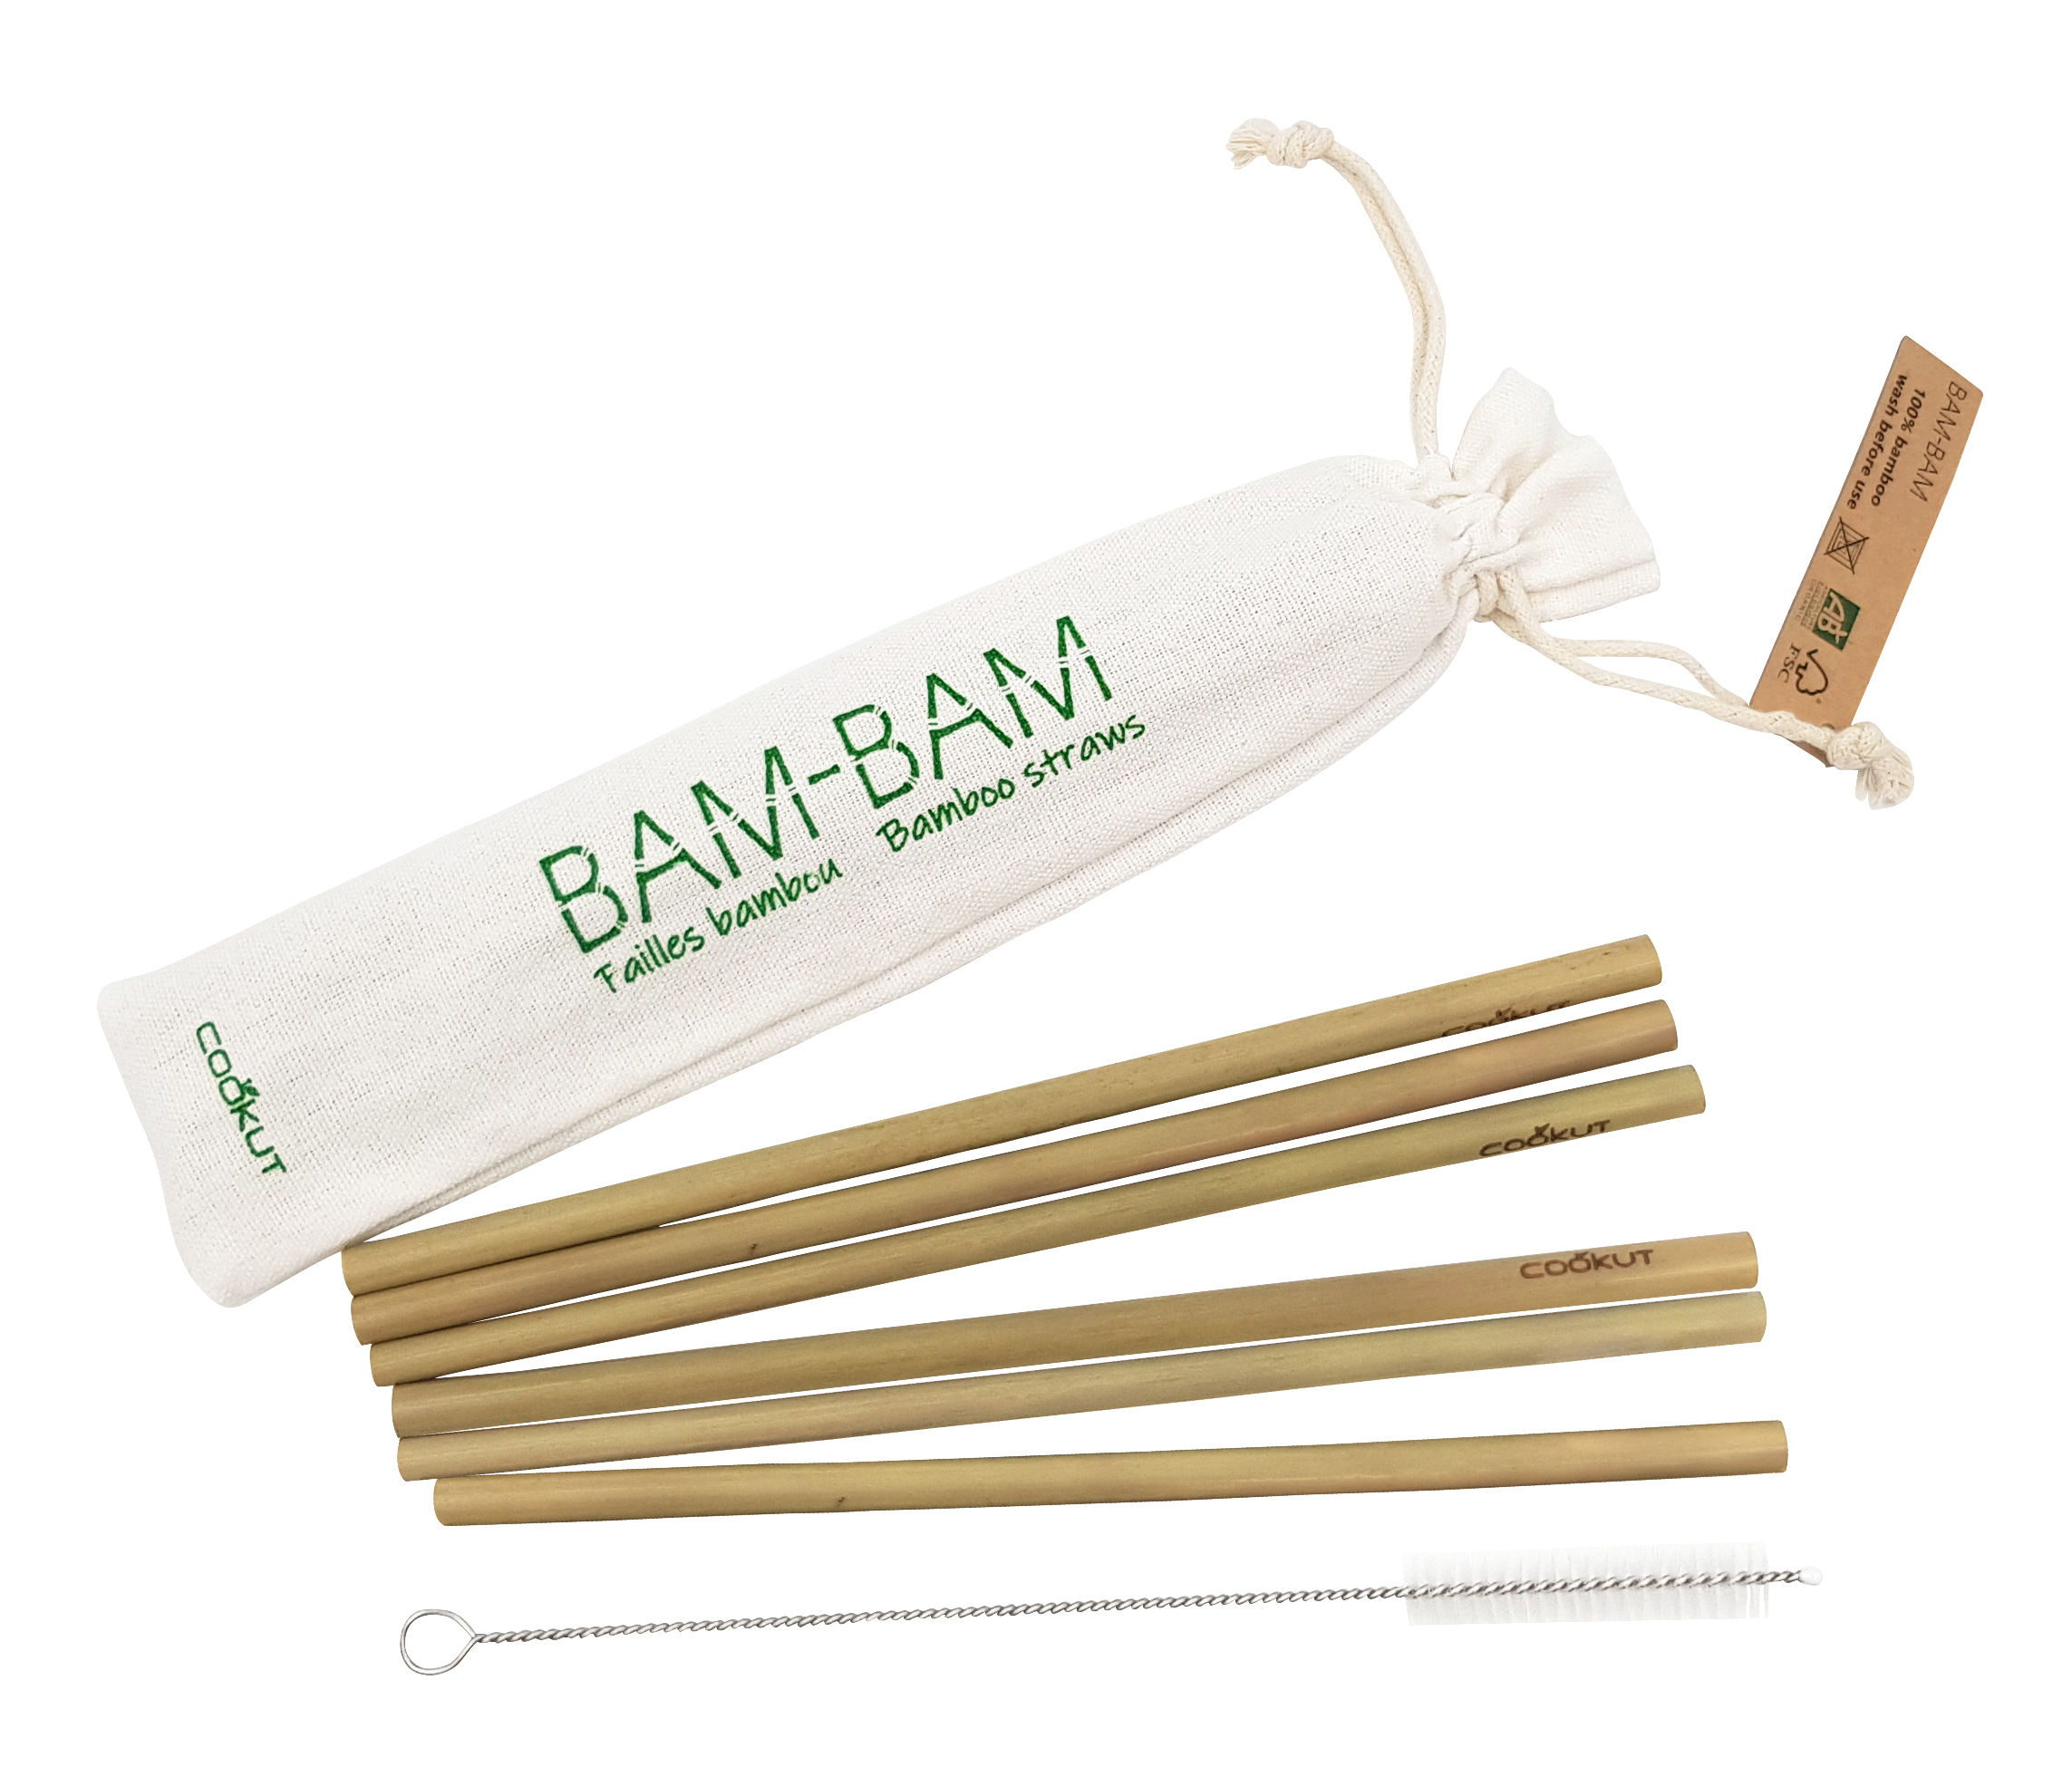 Arts de la table - Accessoires - Paille réutilisable Bam Bam / Set 6 pailles bambou + 1 écouvillon - Cookut - Bambou - Bambou bio